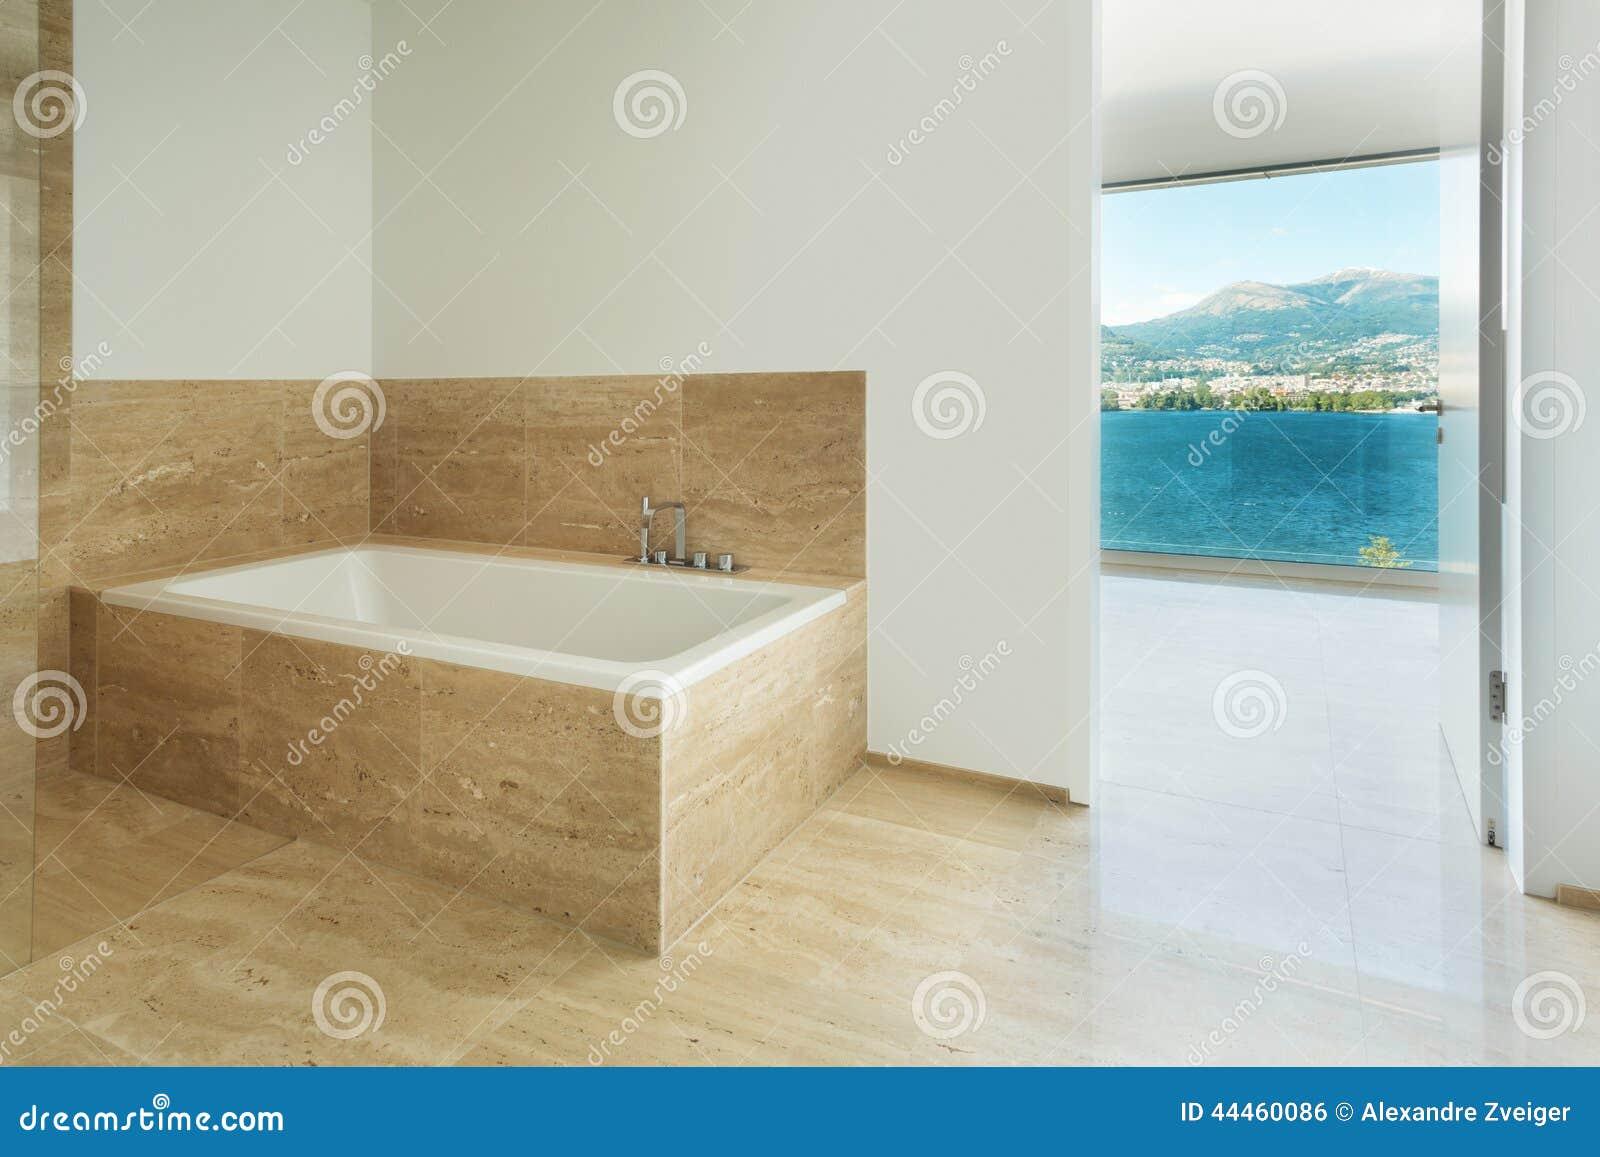 badezimmer marmorboden stockfoto bild von leer wei 44460086. Black Bedroom Furniture Sets. Home Design Ideas